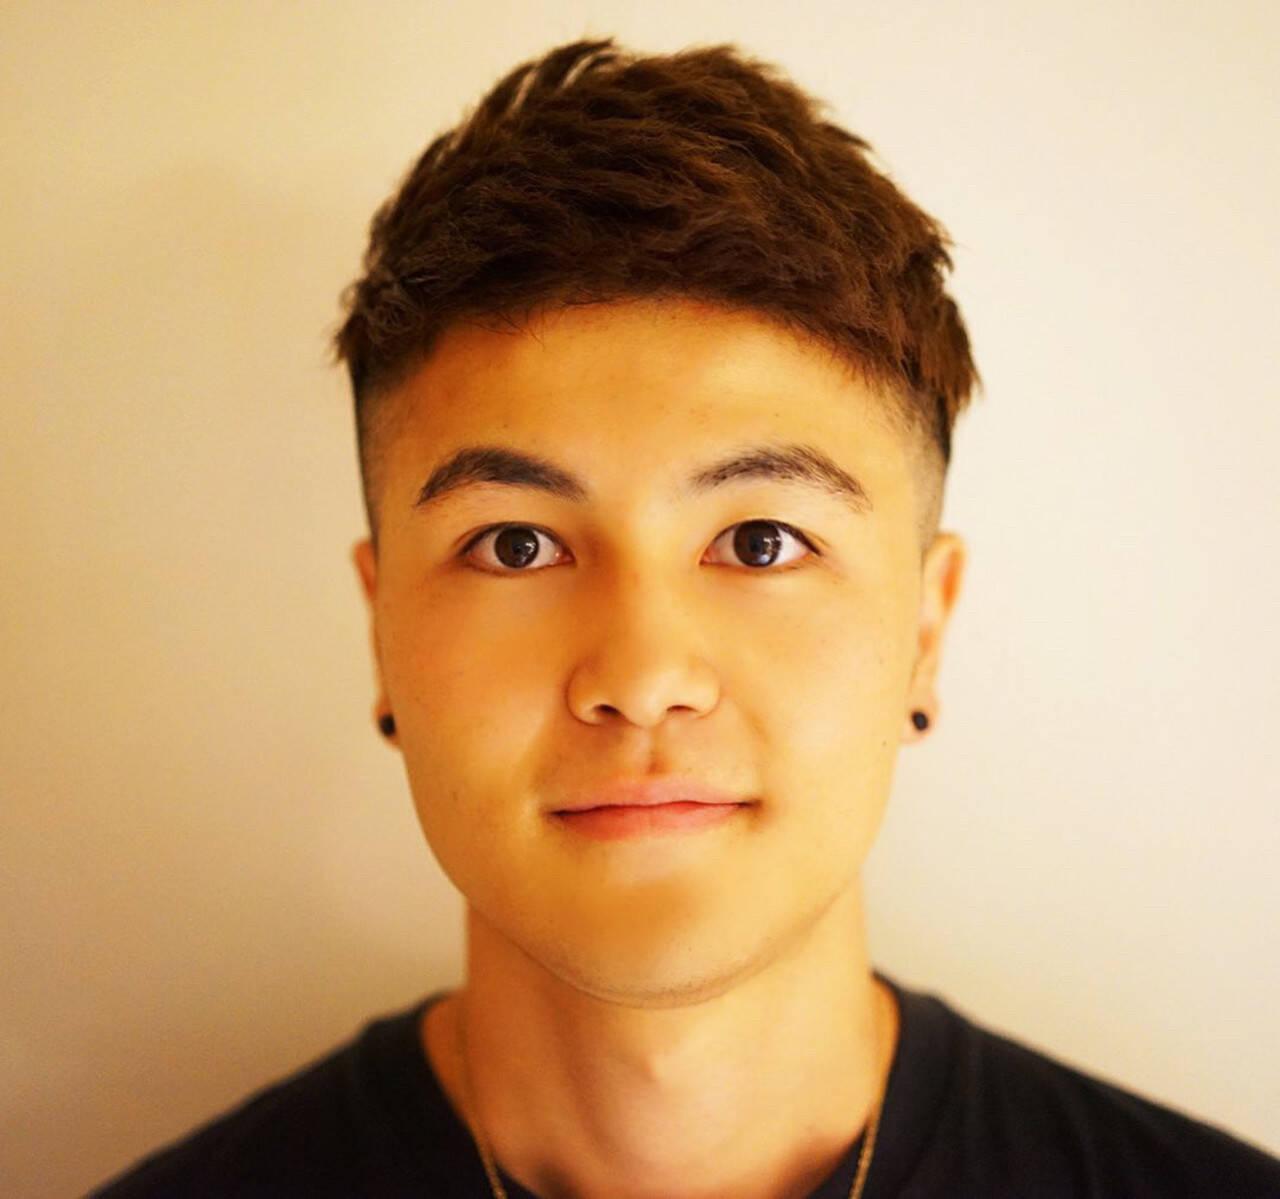 メンズ メンズパーマ ベリーショート メンズヘアヘアスタイルや髪型の写真・画像